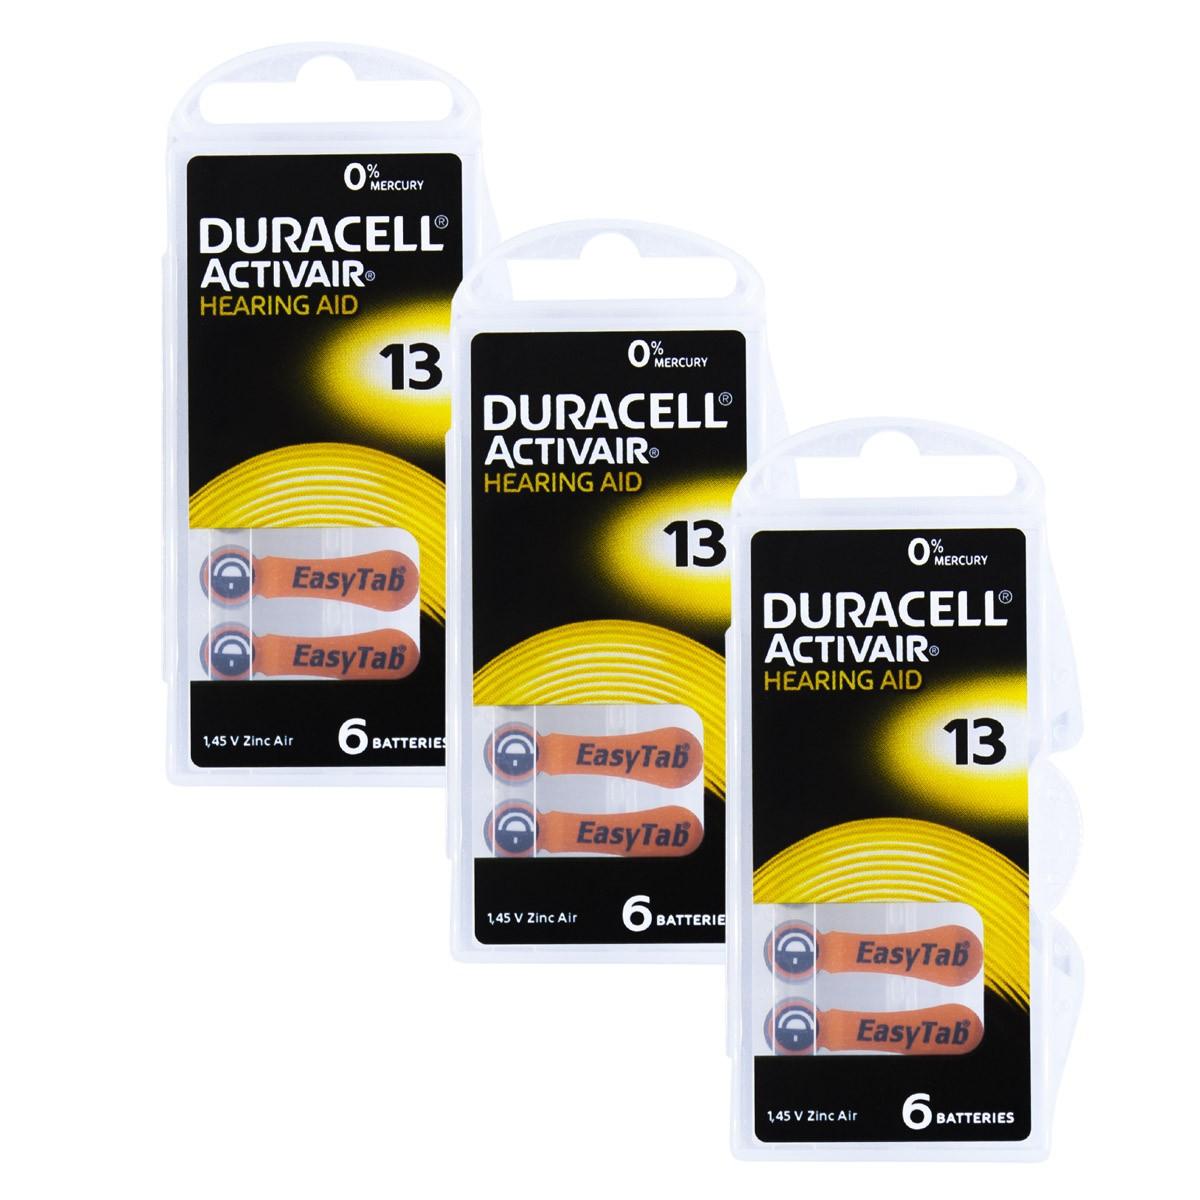 18 Pilhas DA13 DURACELL baterias PR48 Aparelho auditivo